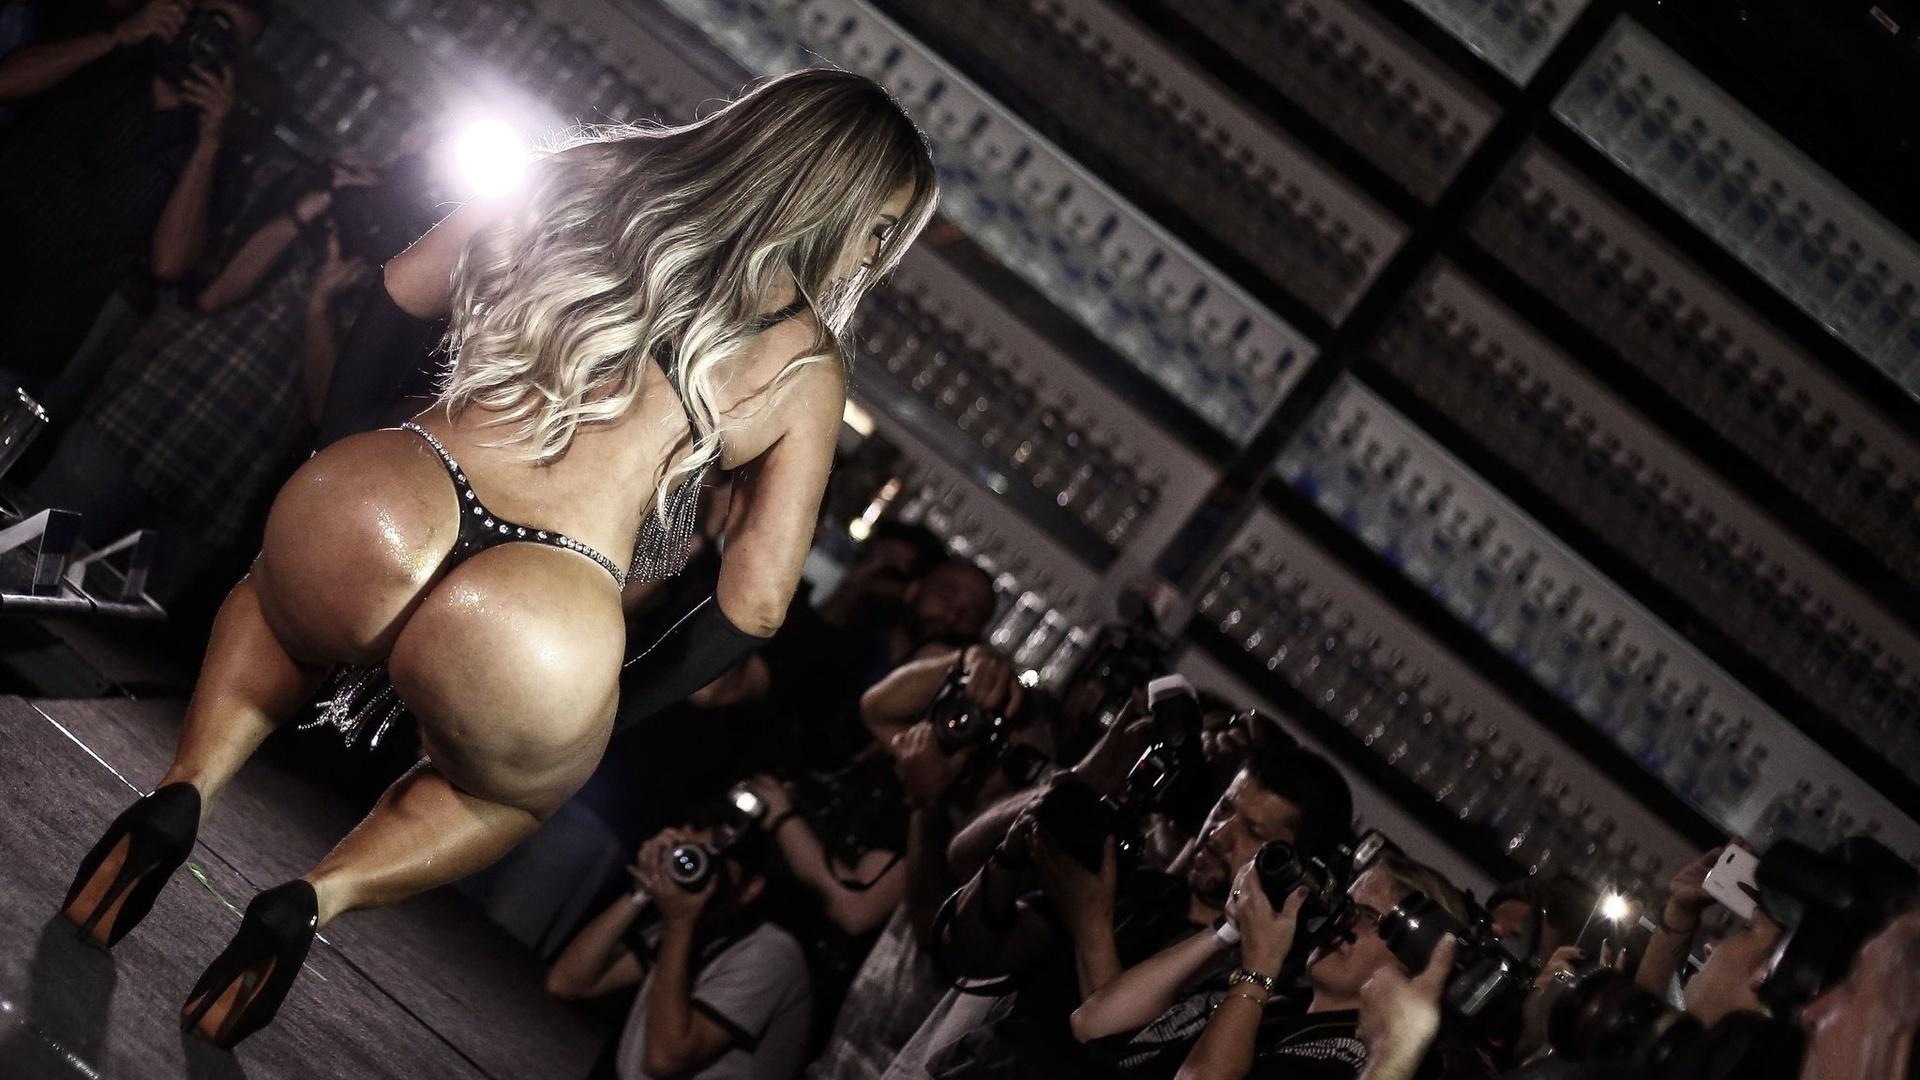 Фото интригующий показ задницы секс видео россии большими попками